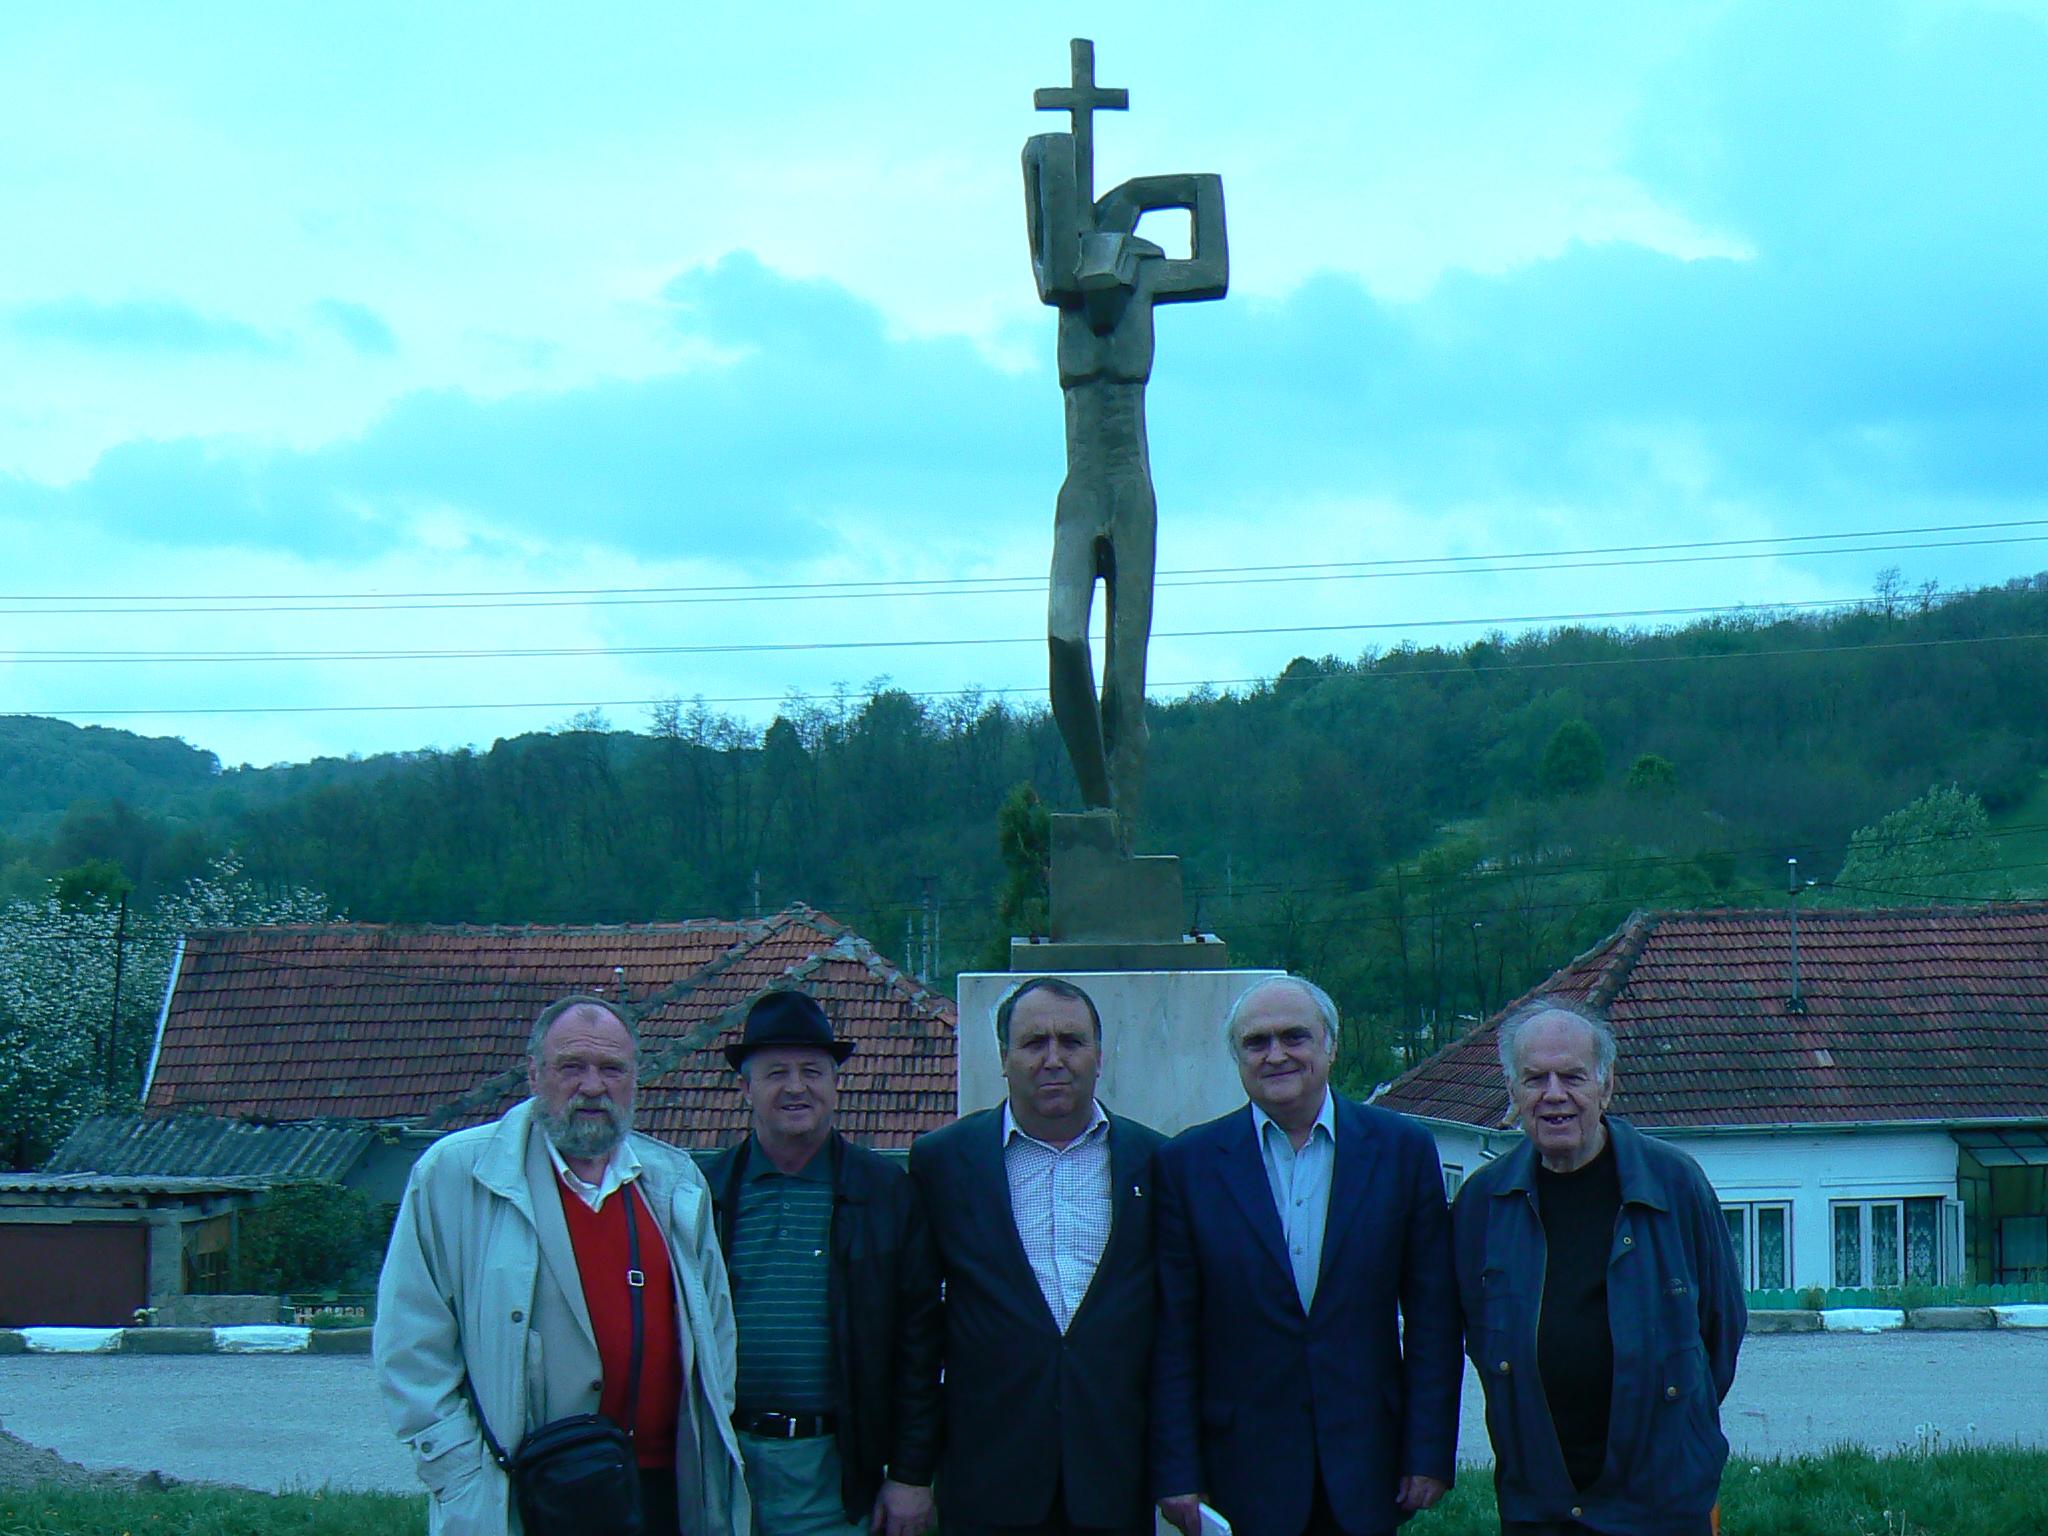 Ştefan Stăiculescu, Gh Cărbunescu, Petre Iordache, Ion Longin Popescu, Costea Marinoiu, dezvelire monument Ocnele Mari